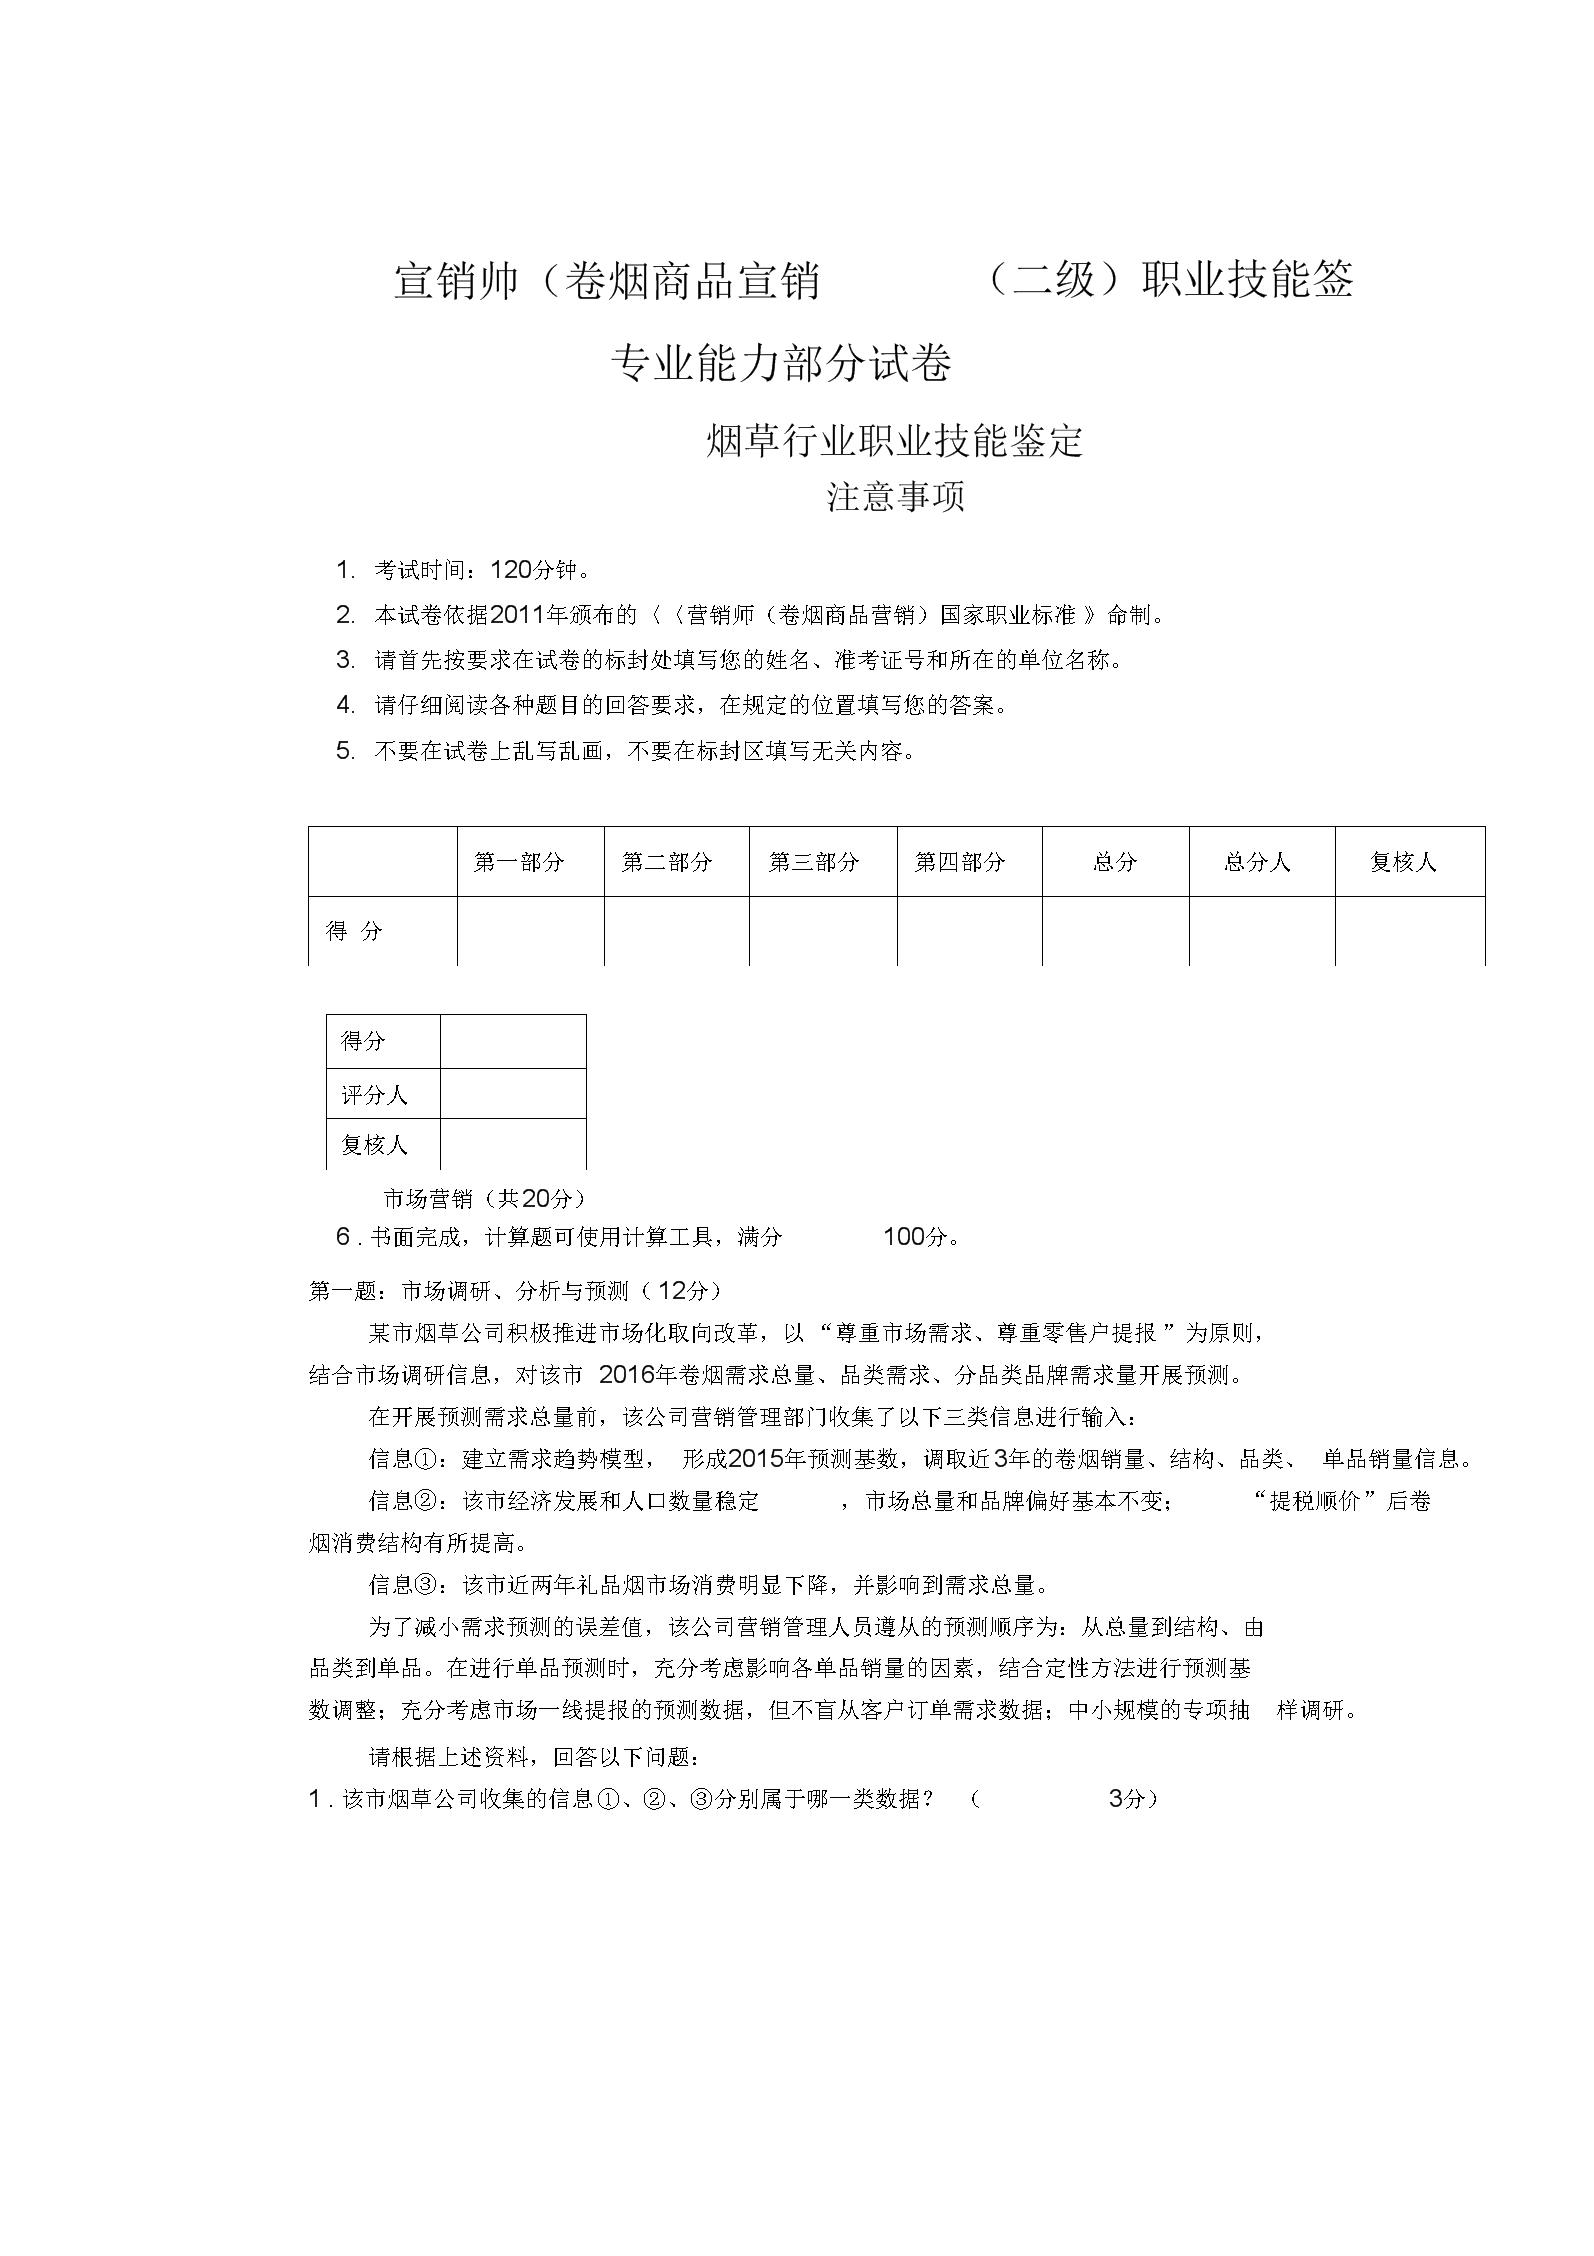 三级营销师专业能力真题及答案.docx